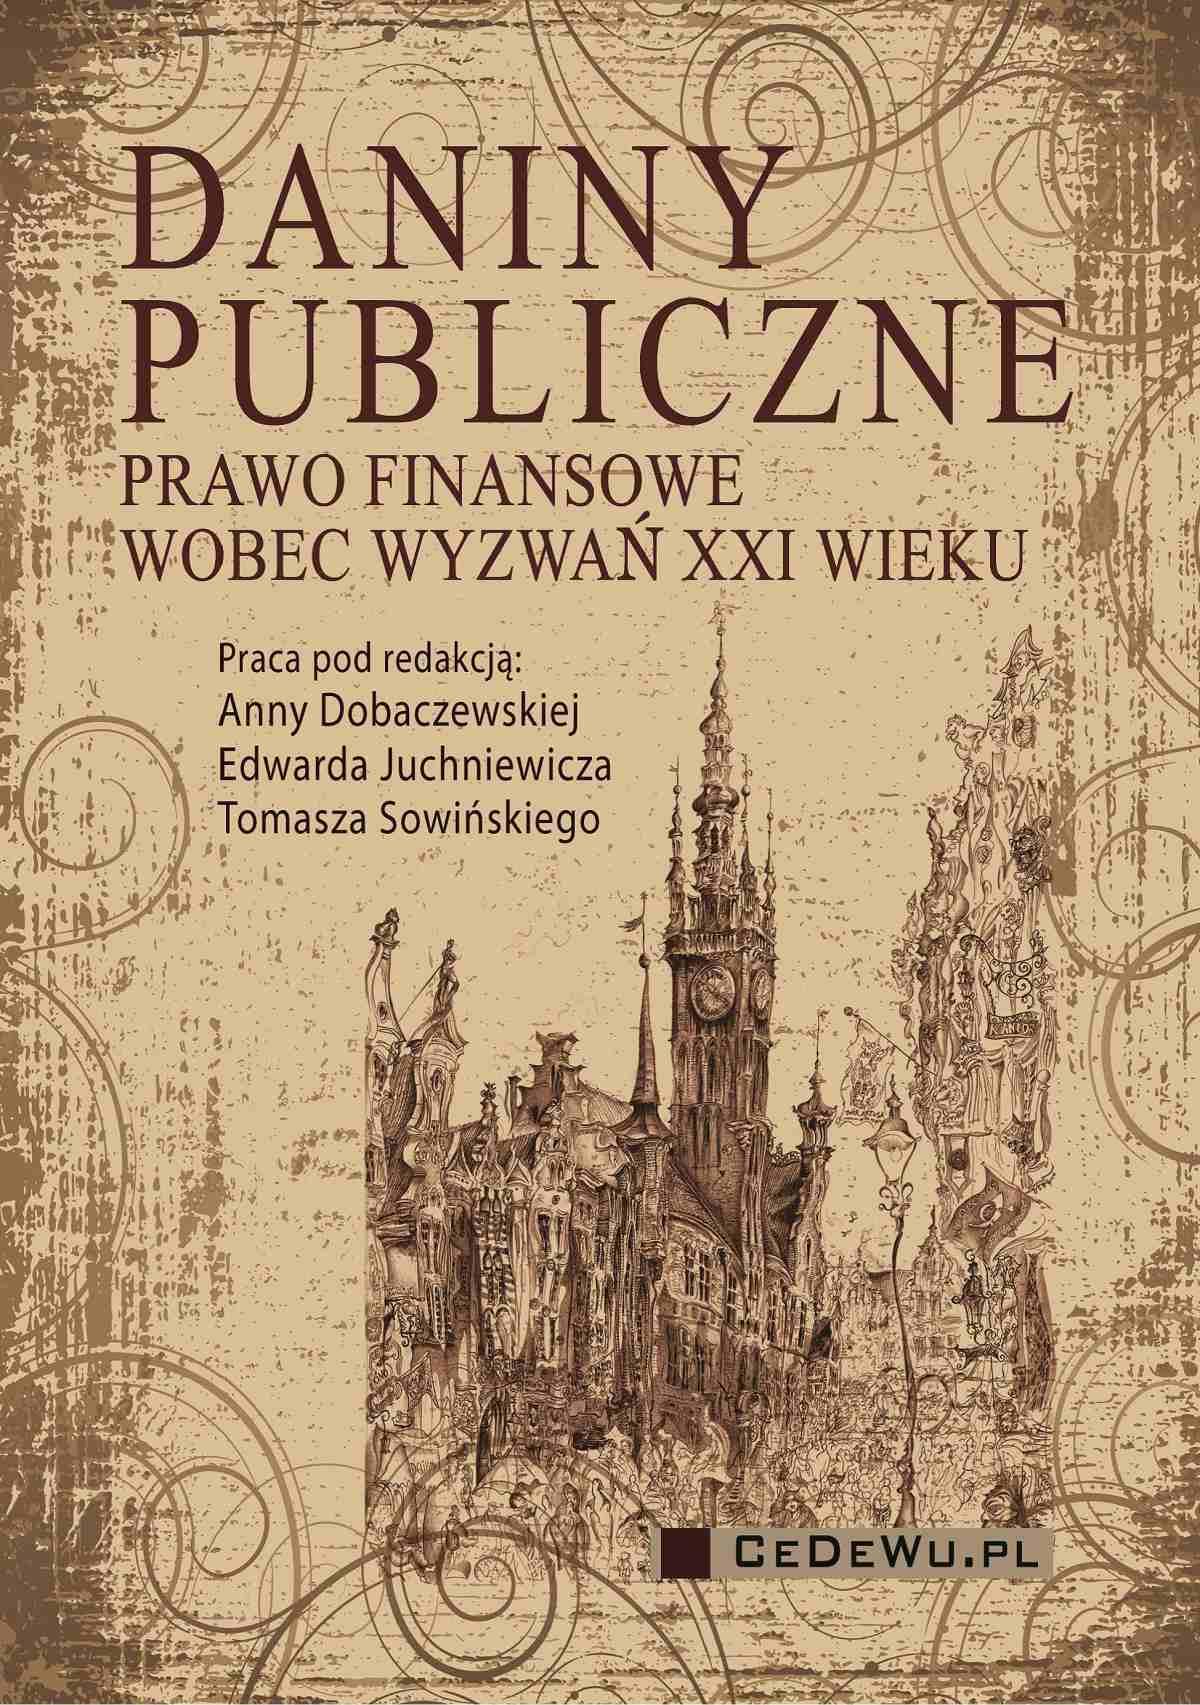 Daniny publiczne. Prawo finansowe wobec wyzwań XXI wieku - Ebook (Książka PDF) do pobrania w formacie PDF